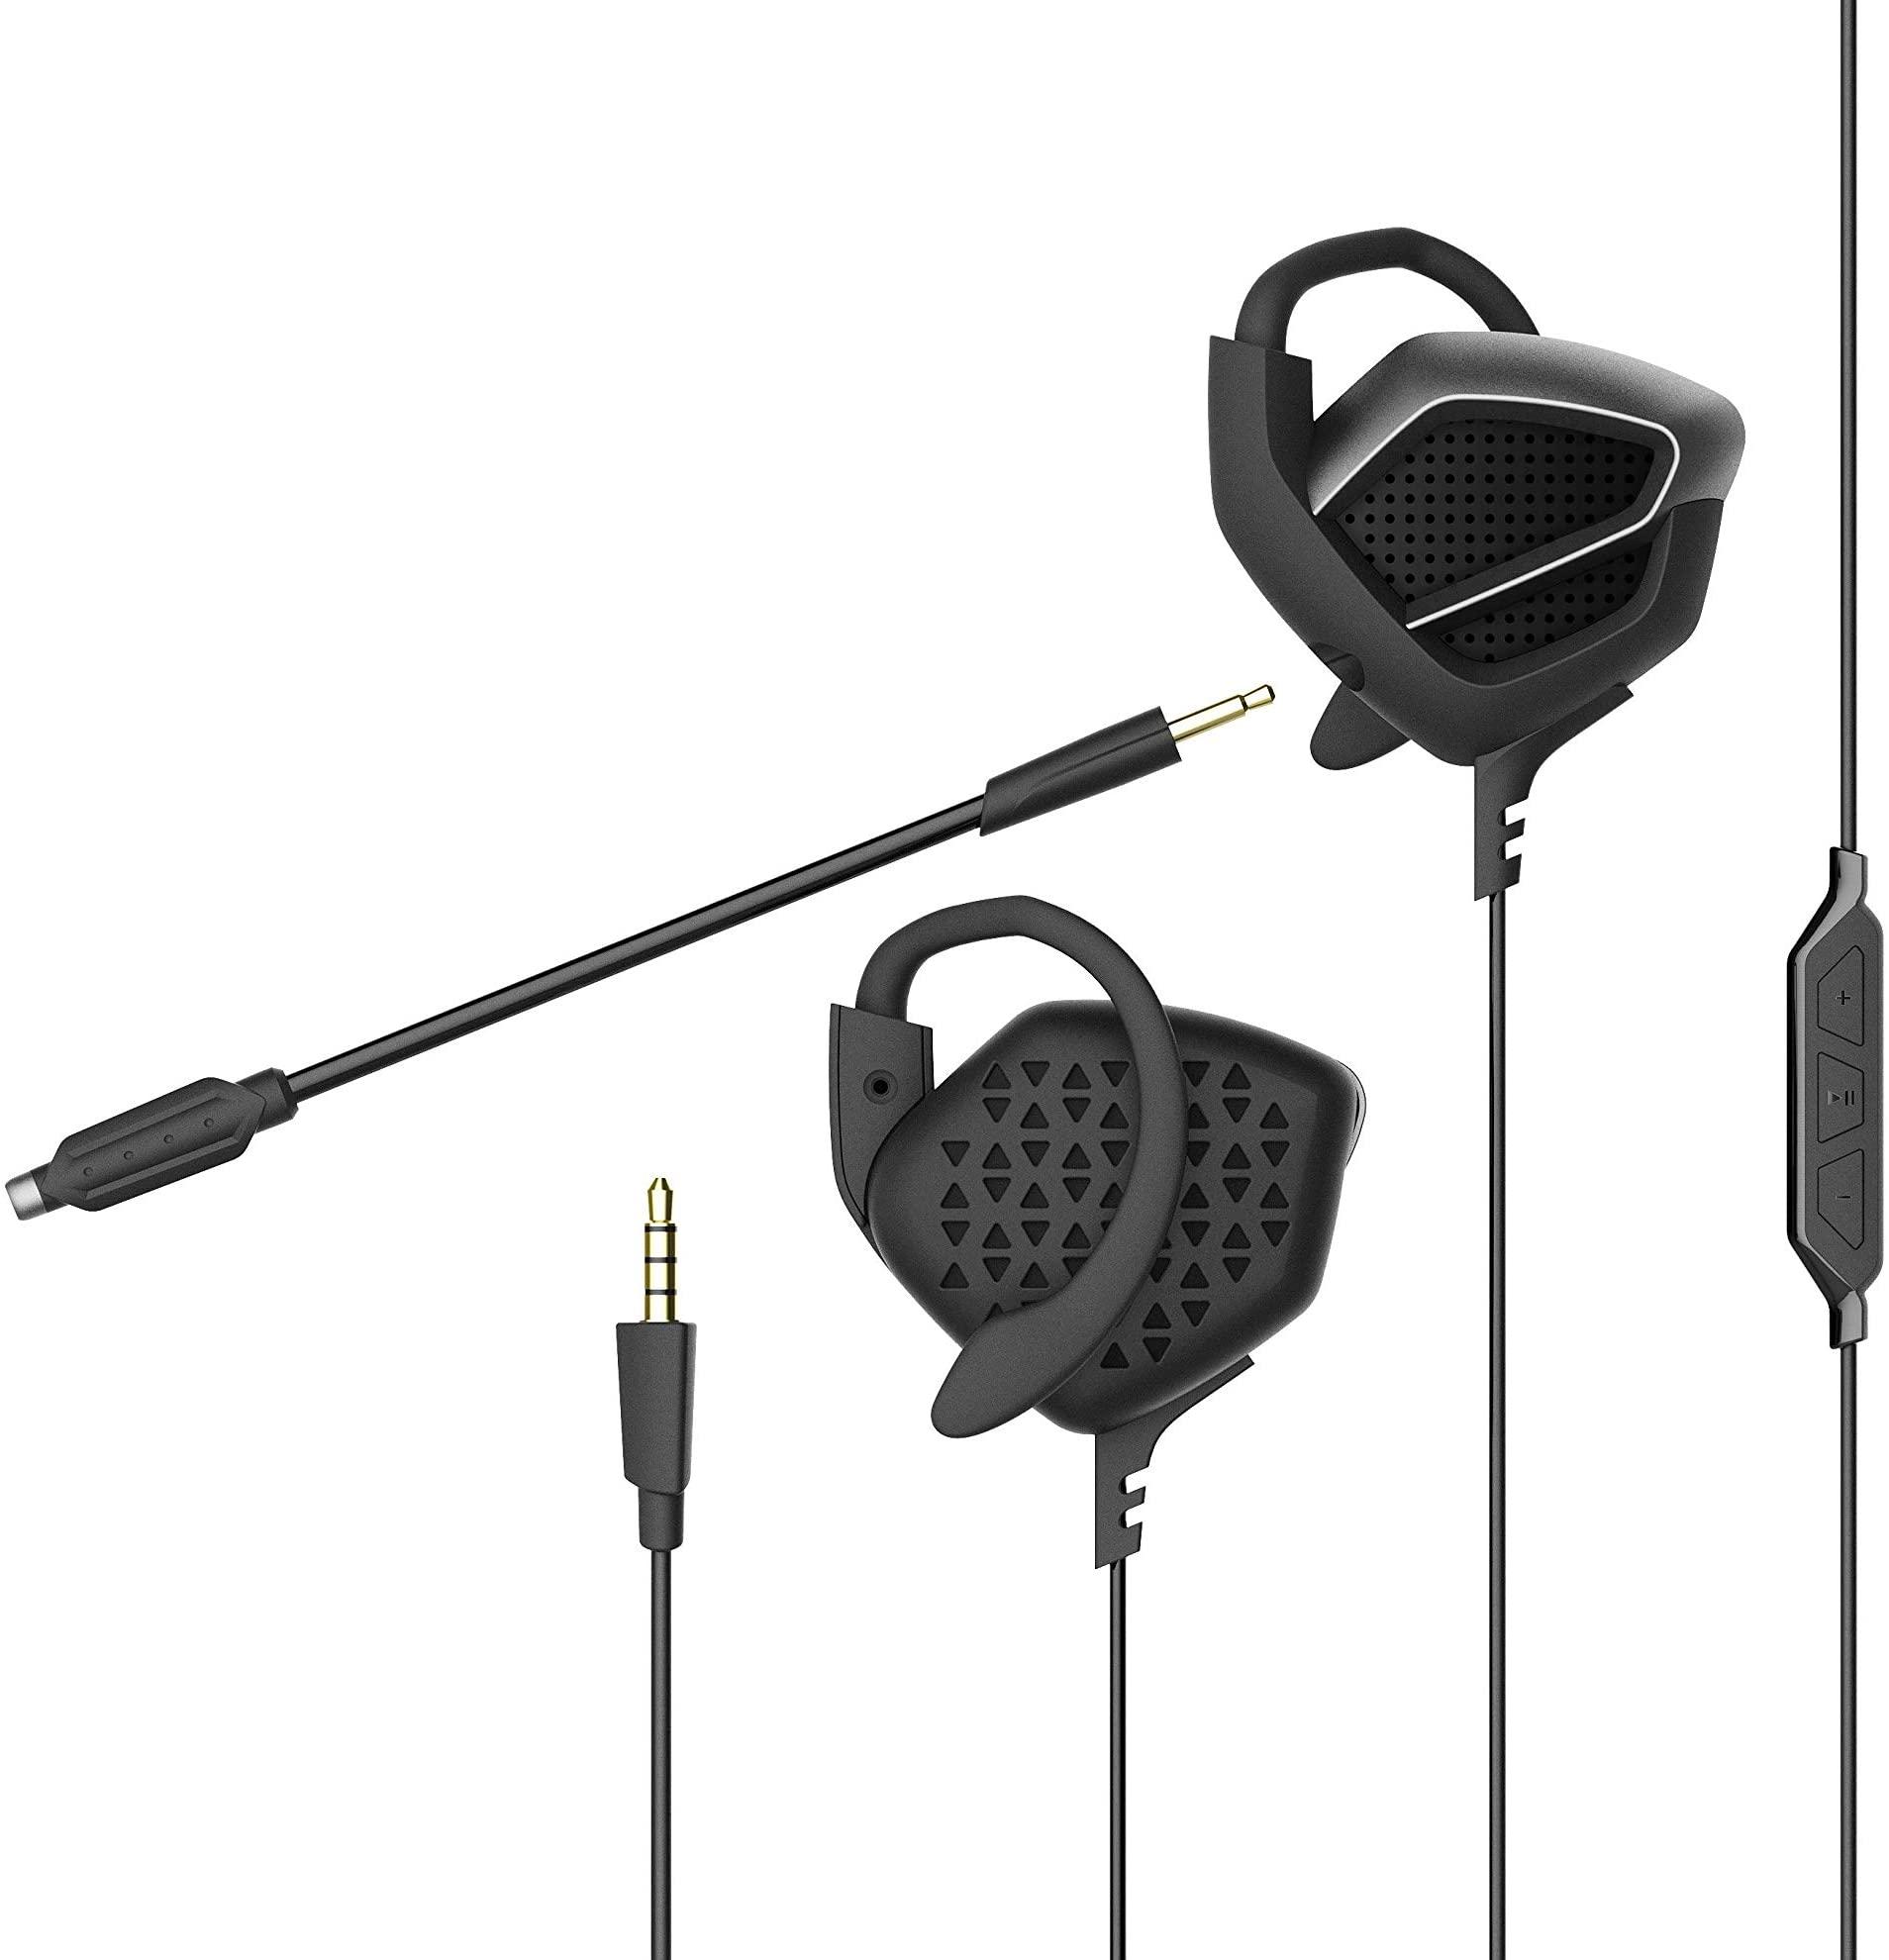 سماعة العاب سلكية فوق الاذن - مع ميكروفون قابل للتعديل، السماعة فوق الاذن متوافقة مع مجموعة متنوعة من الاجهزة الرقمية